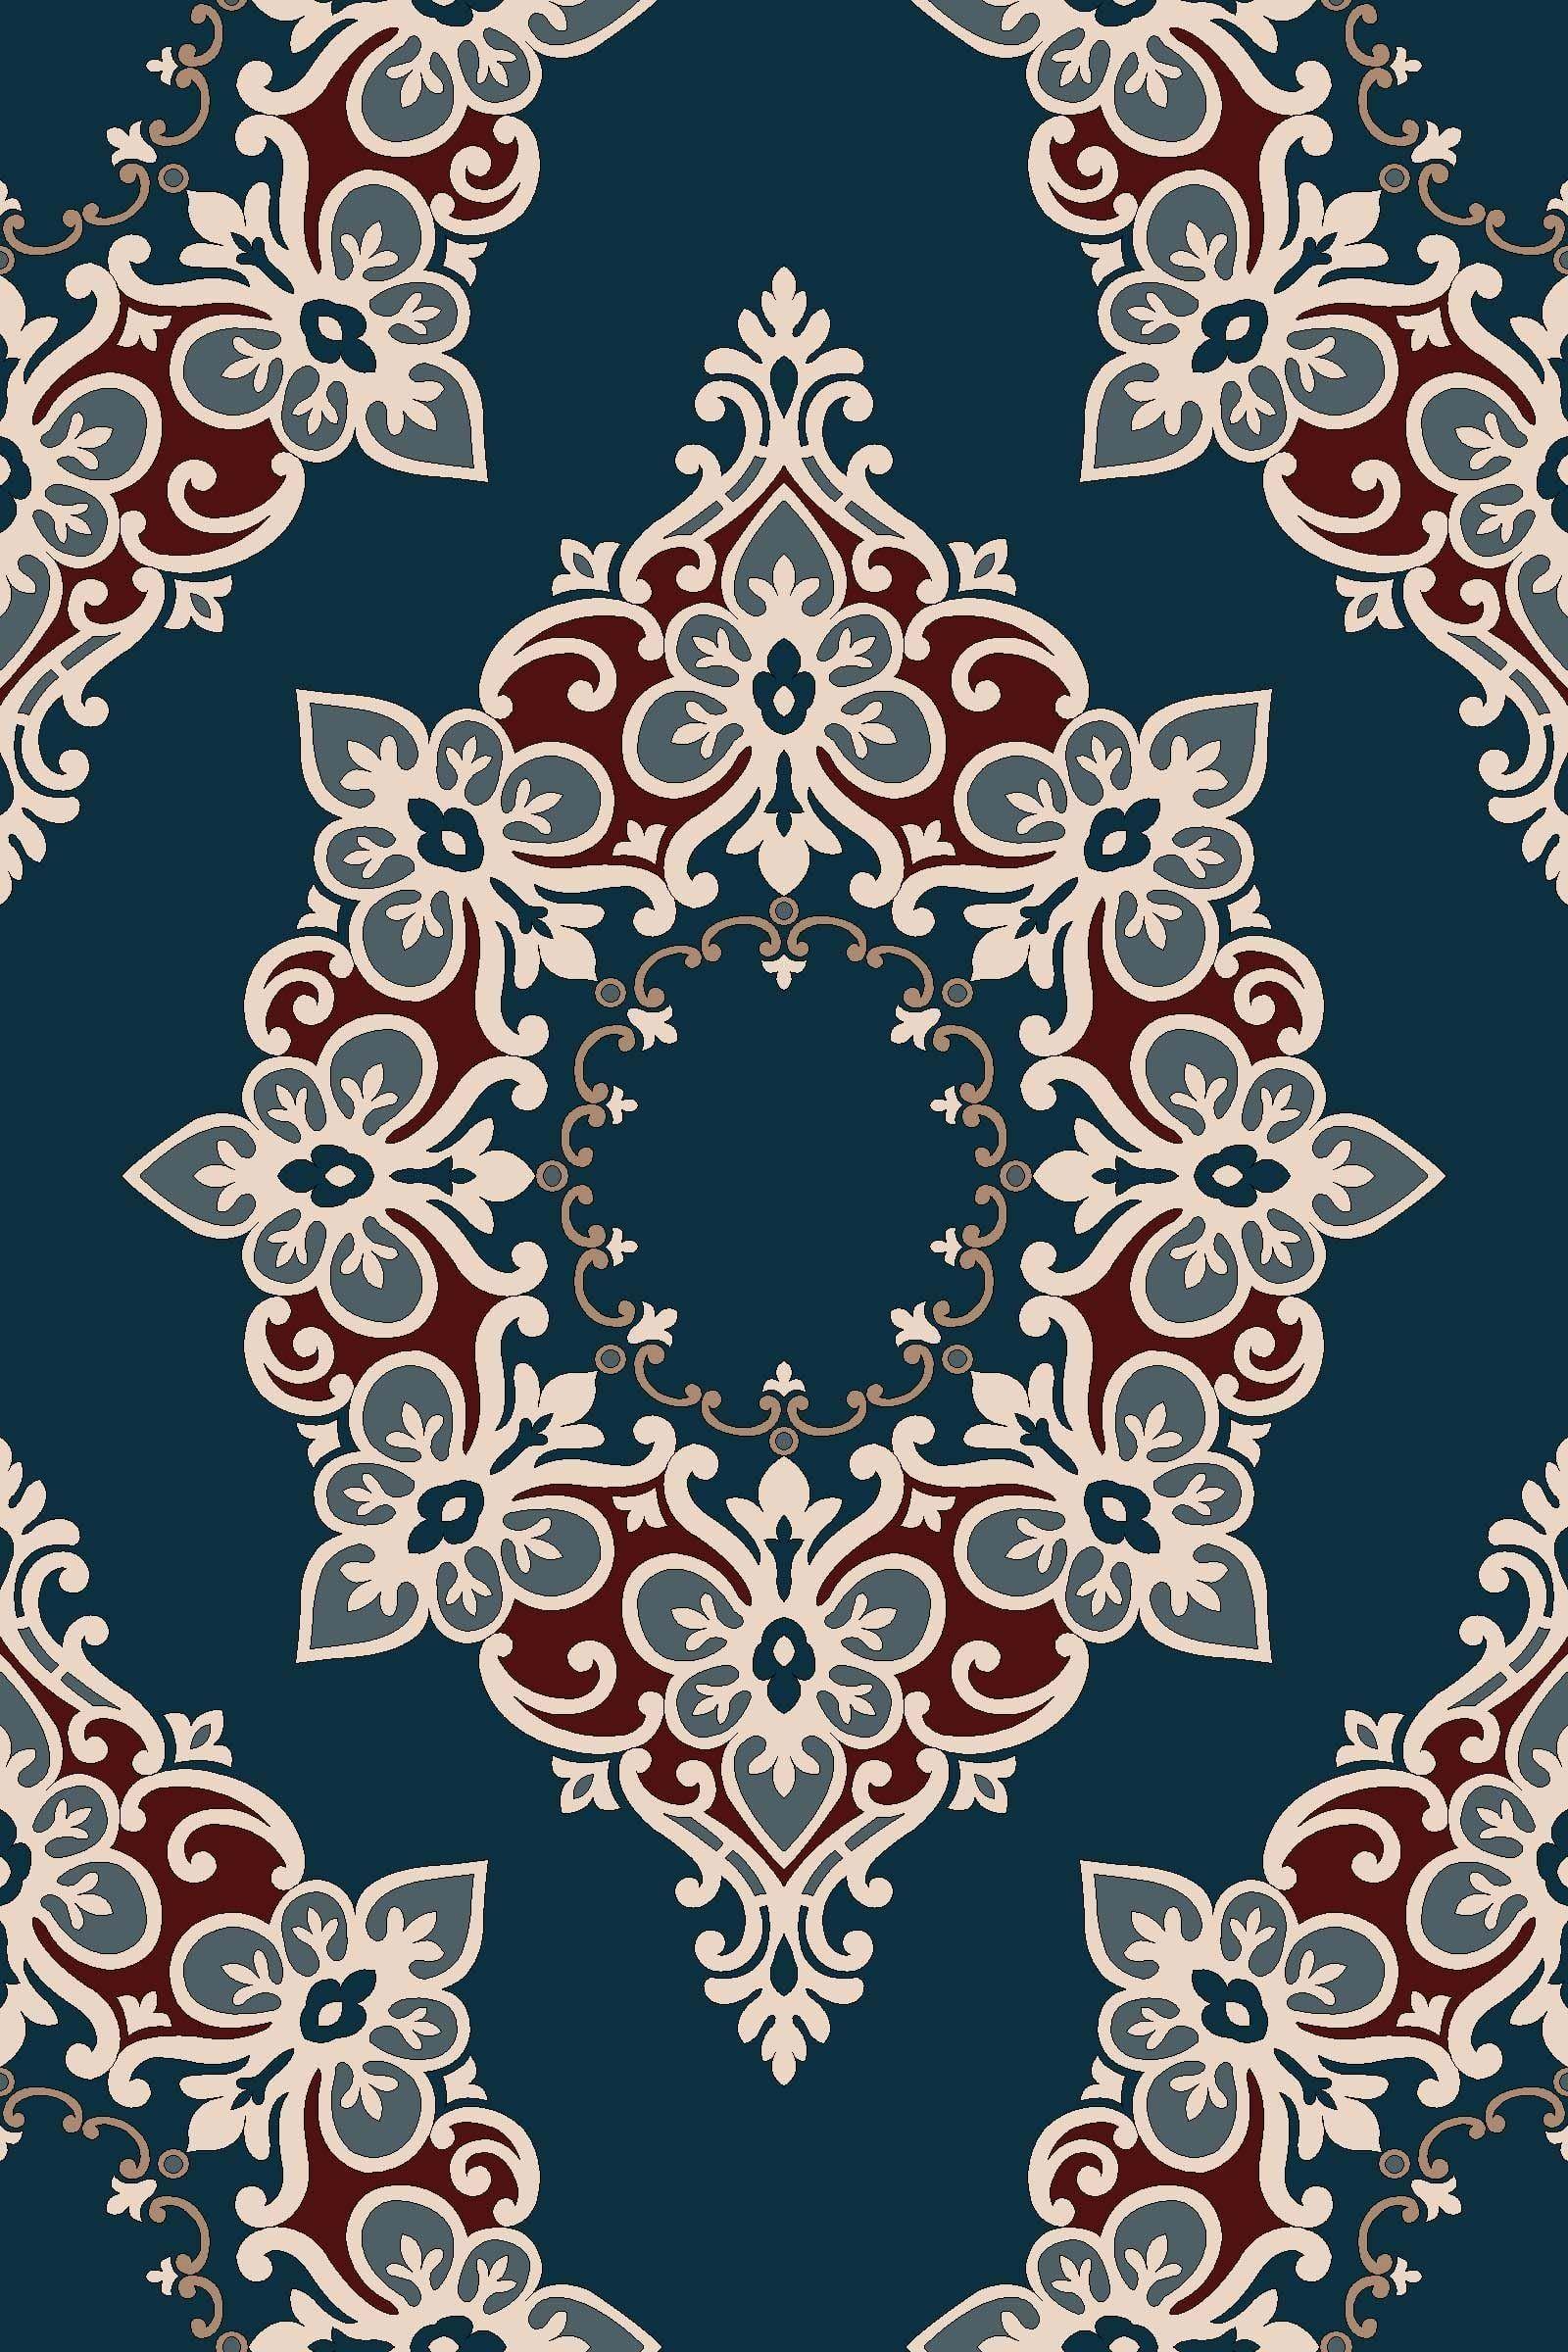 Background Batik Islami : background, batik, islami, Motif, Batik, Modern, Pola,, Damask, Stencil,